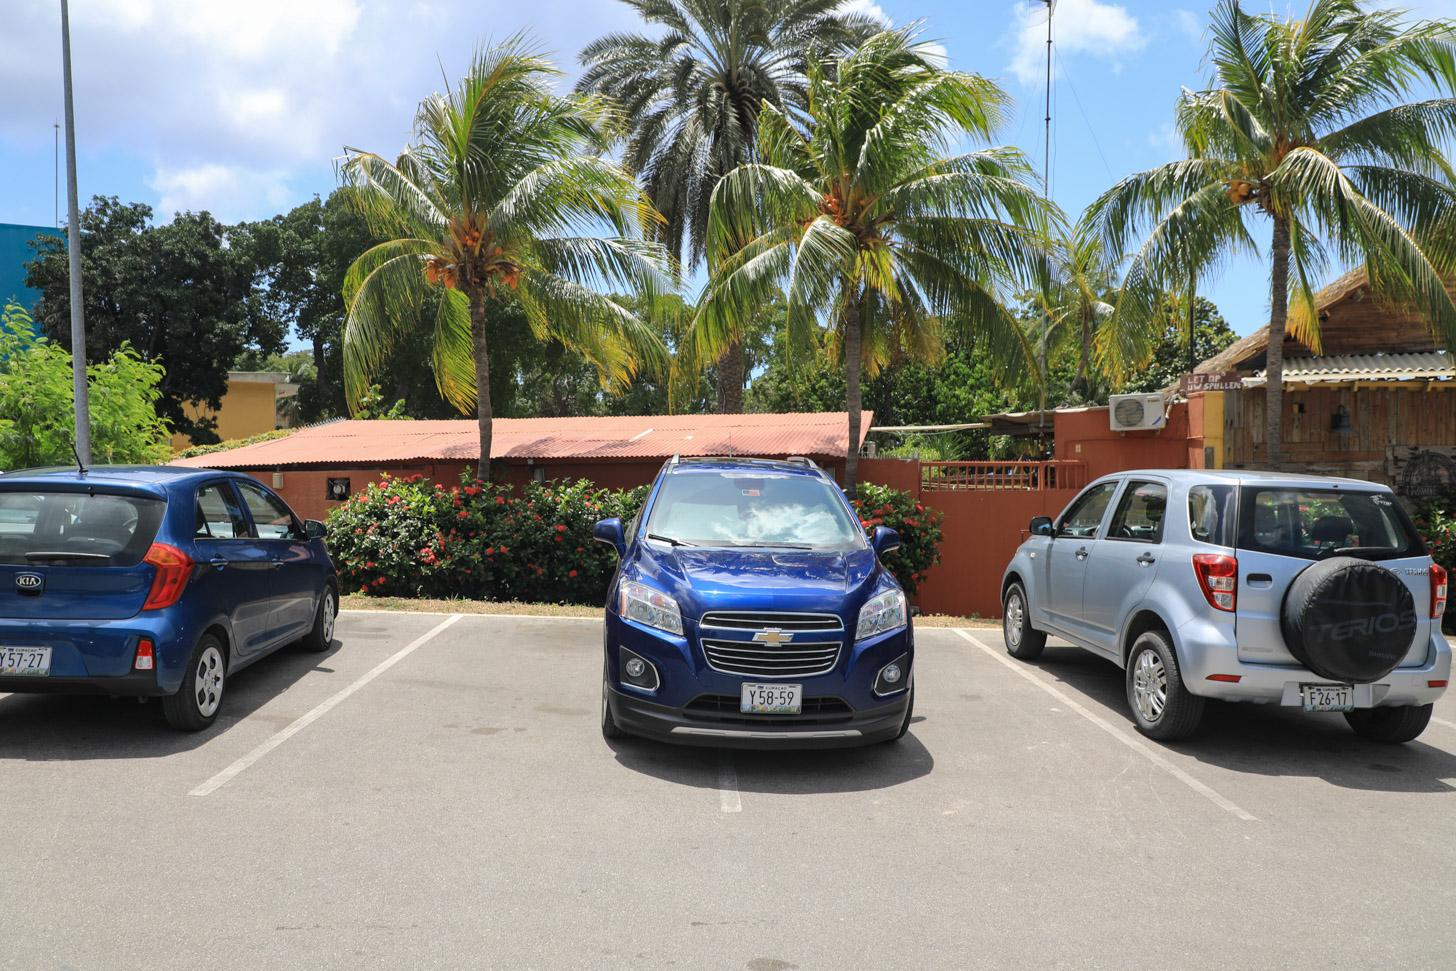 Deze auto heeft twee parkeervakken nodig om te parkeren